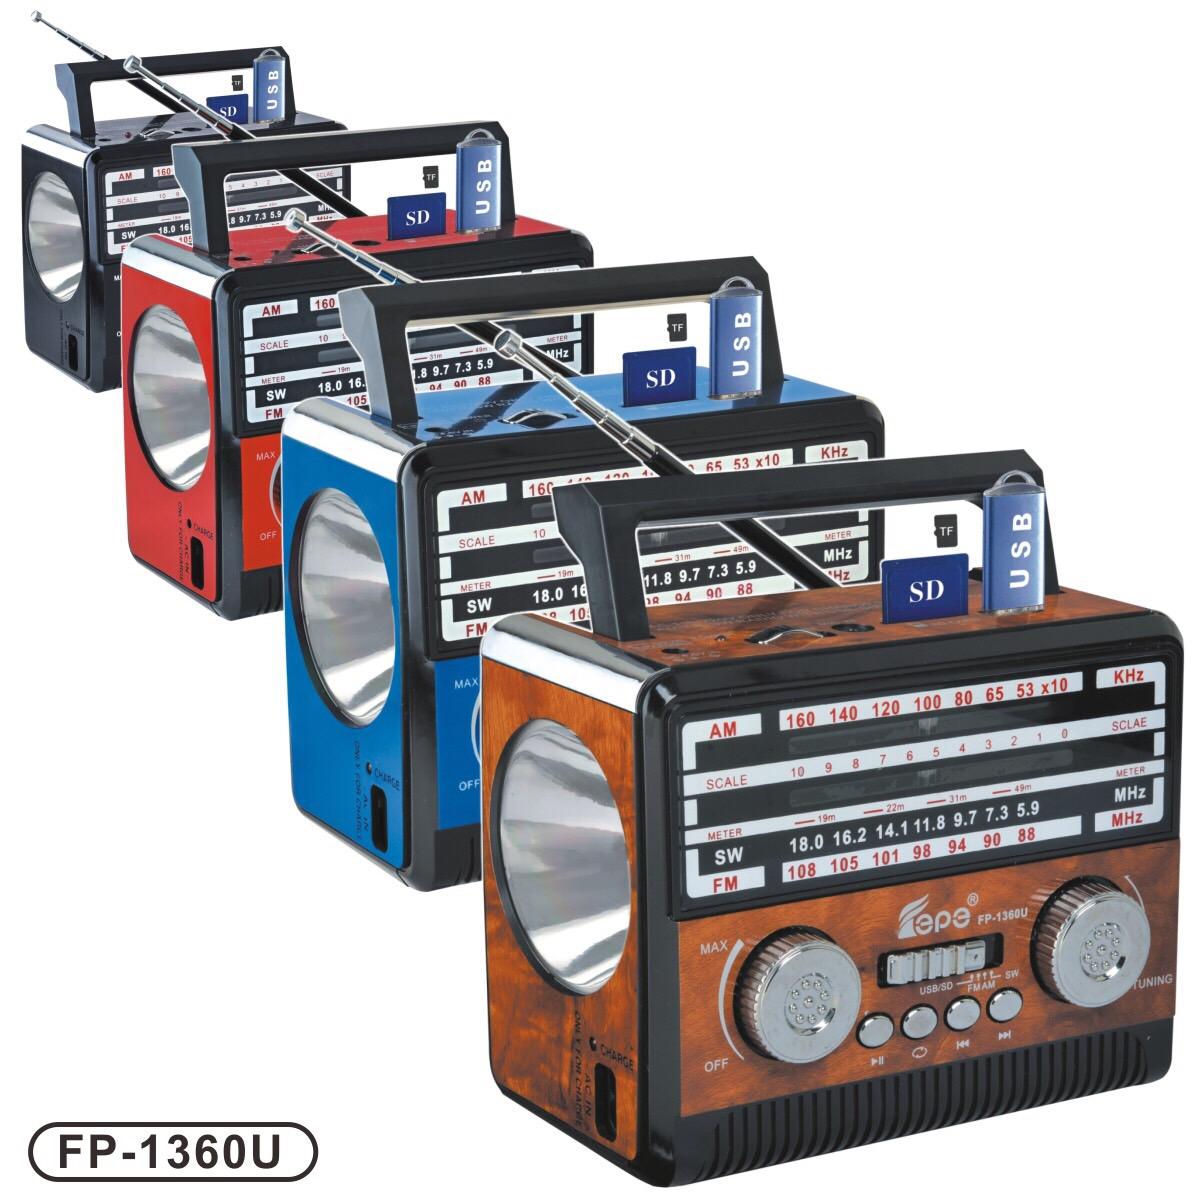 วิทยุ fm FEPE รุ่น FP-1360U